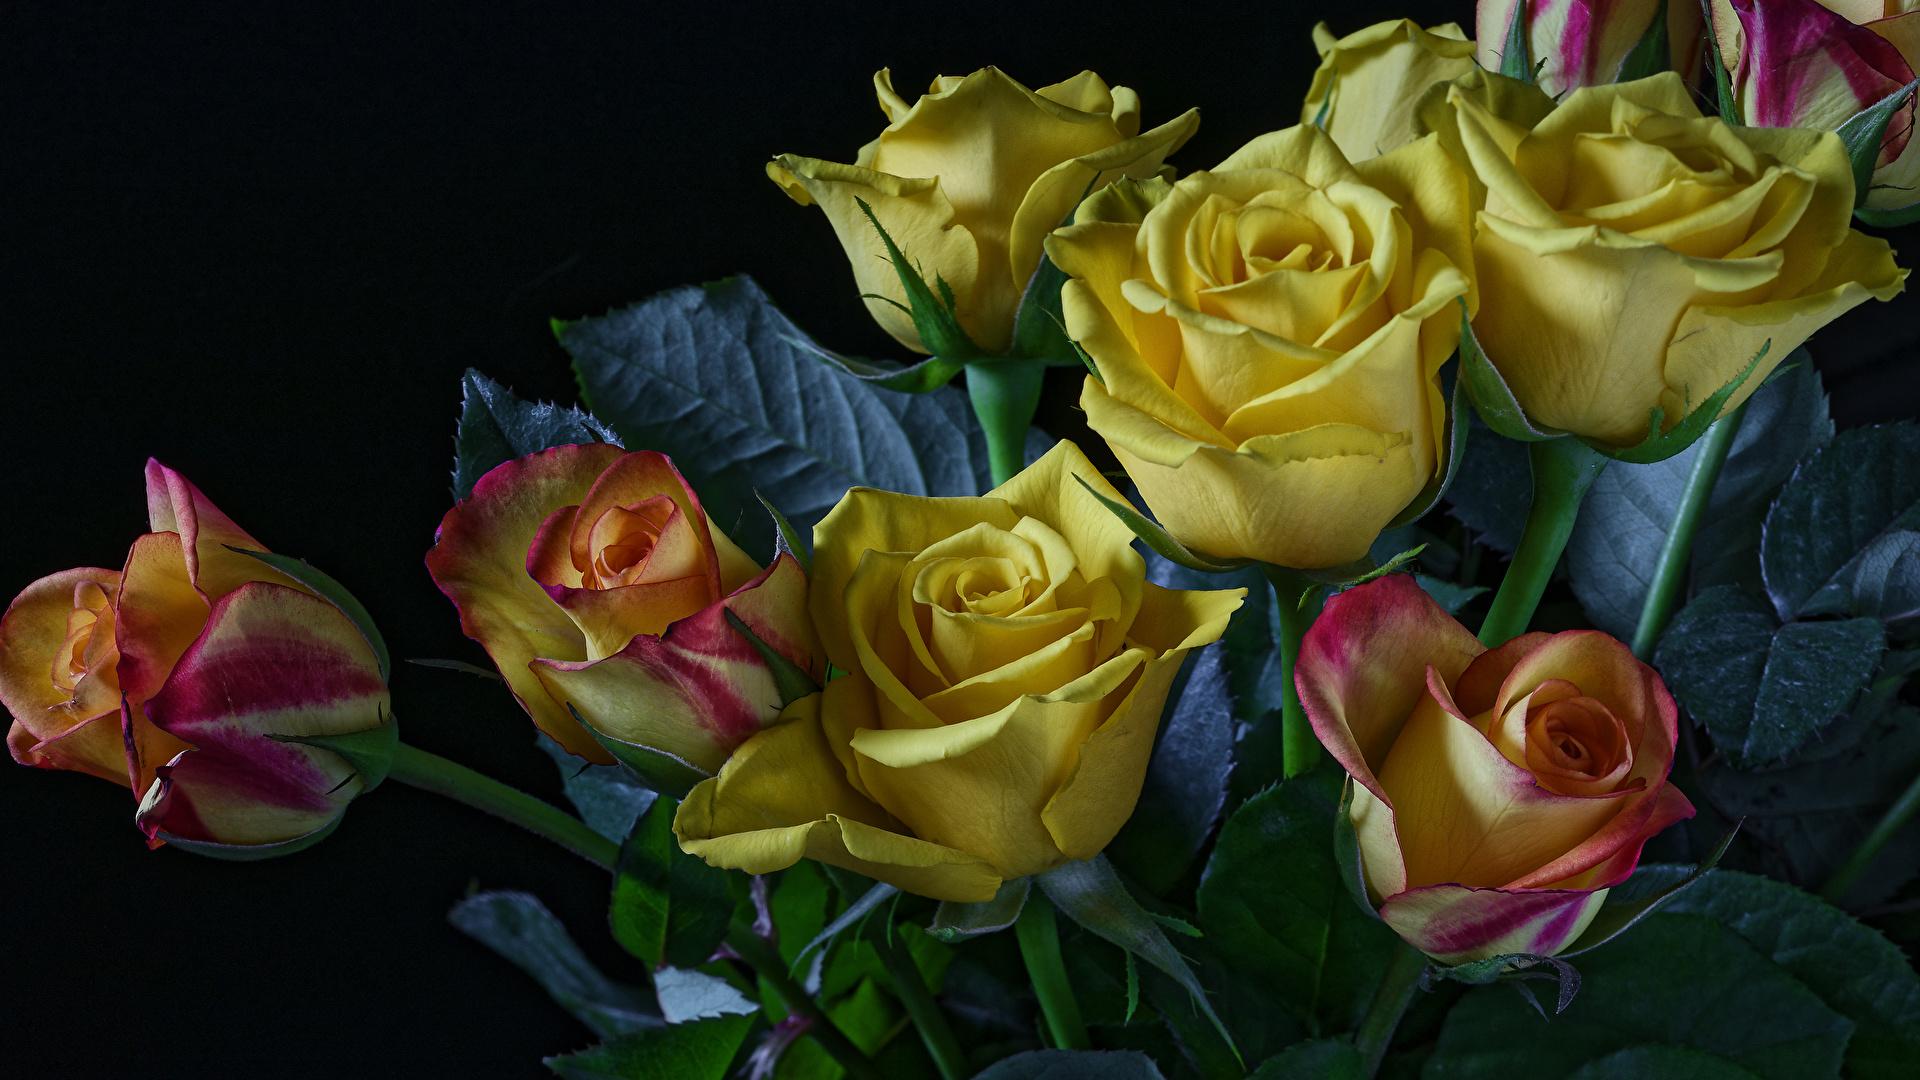 Обои Розы Желтый Цветы Черный фон 1920x1080 желтых желтые желтая на черном фоне